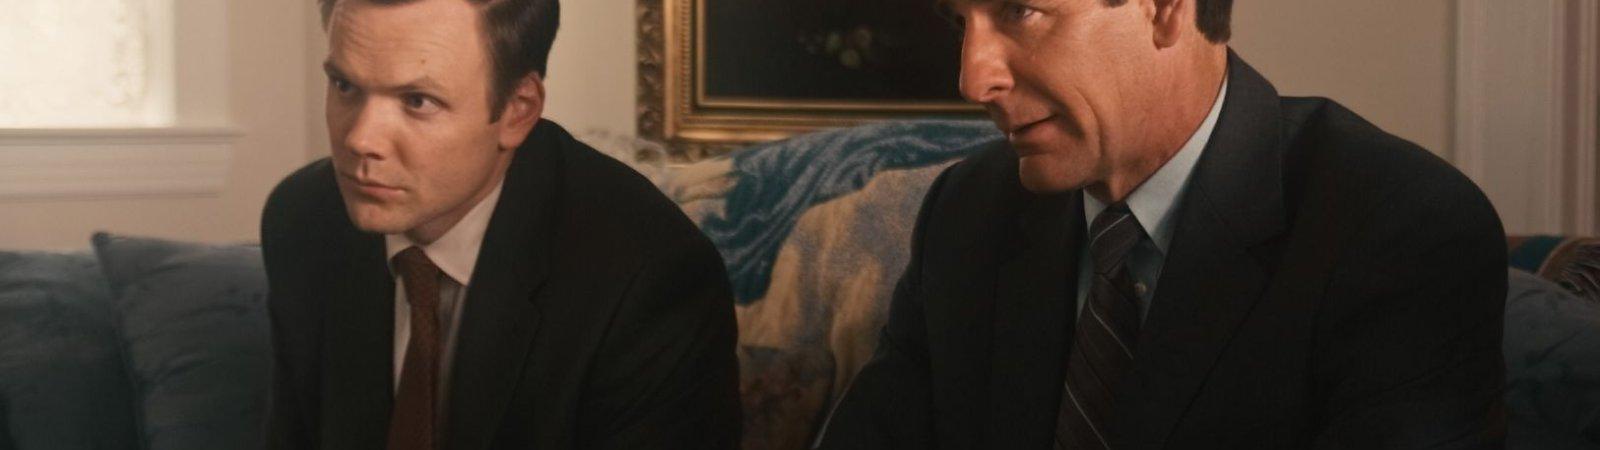 Photo dernier film Eddie Jemison